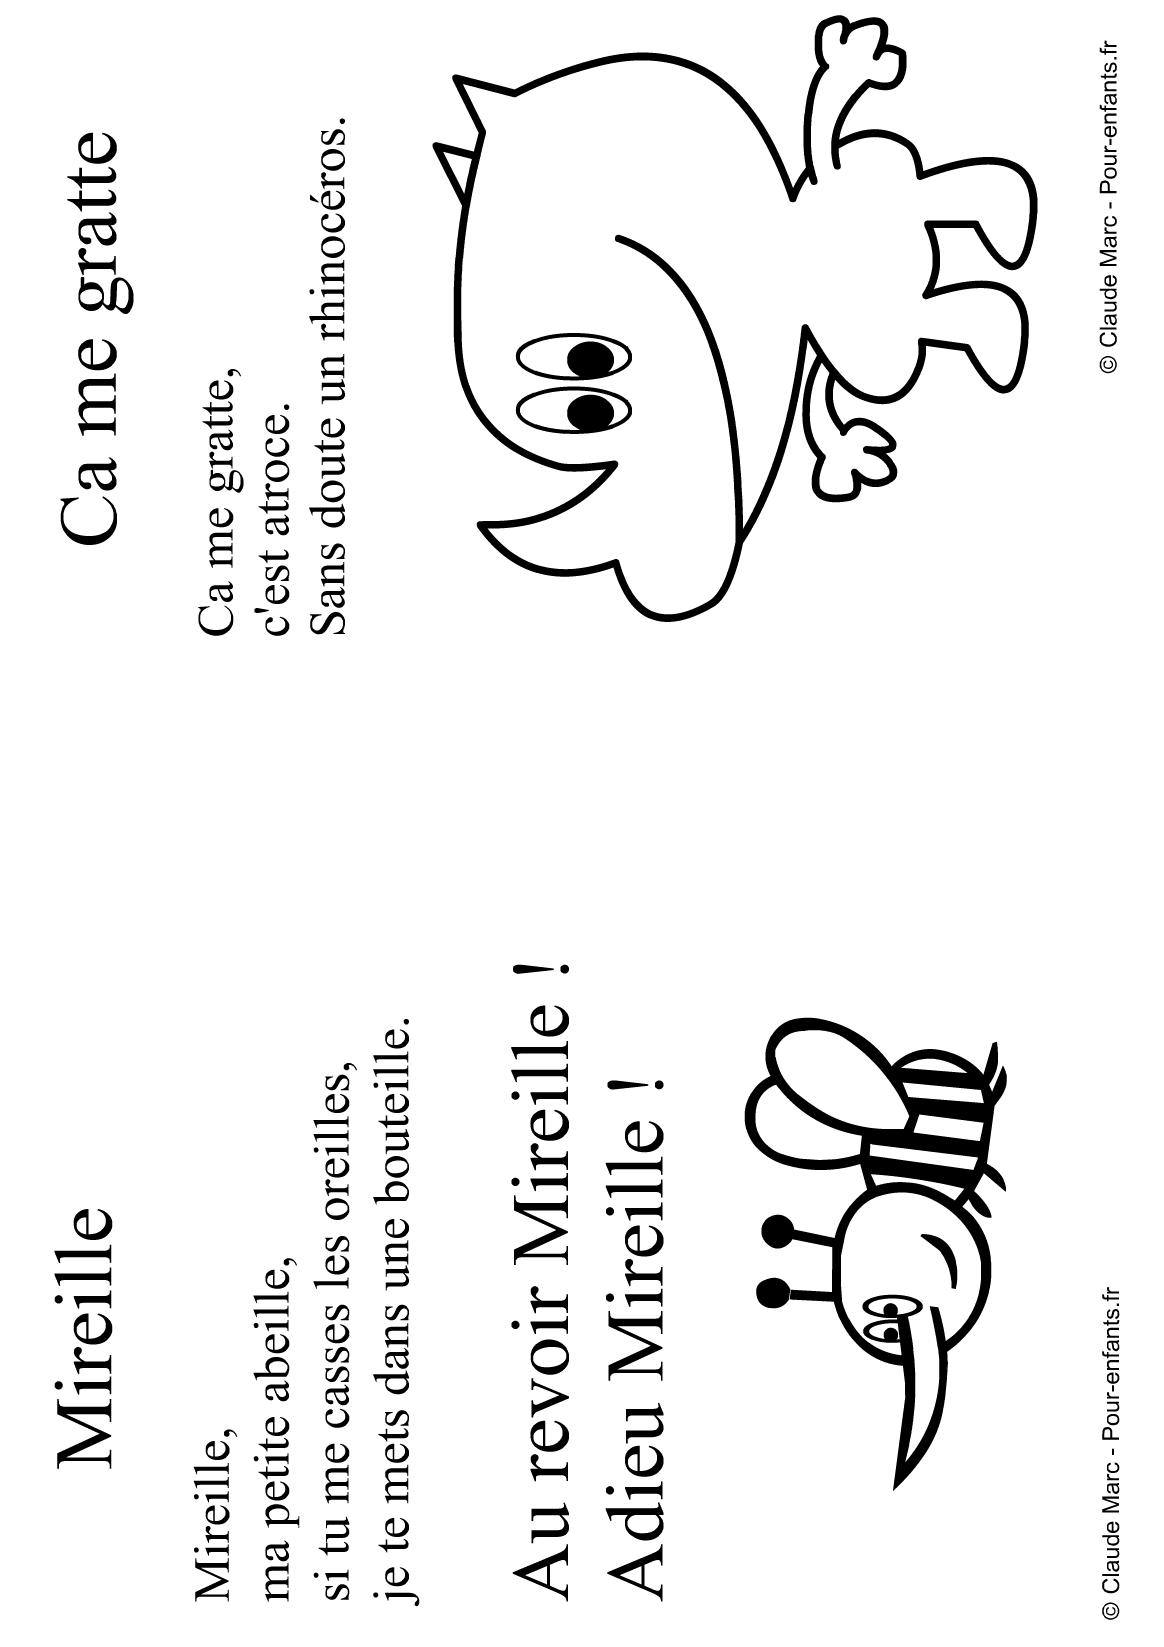 cahier de vacances gratuit a imprimer maternelle fabriquer faire cahiers pour enfants ps ms gs